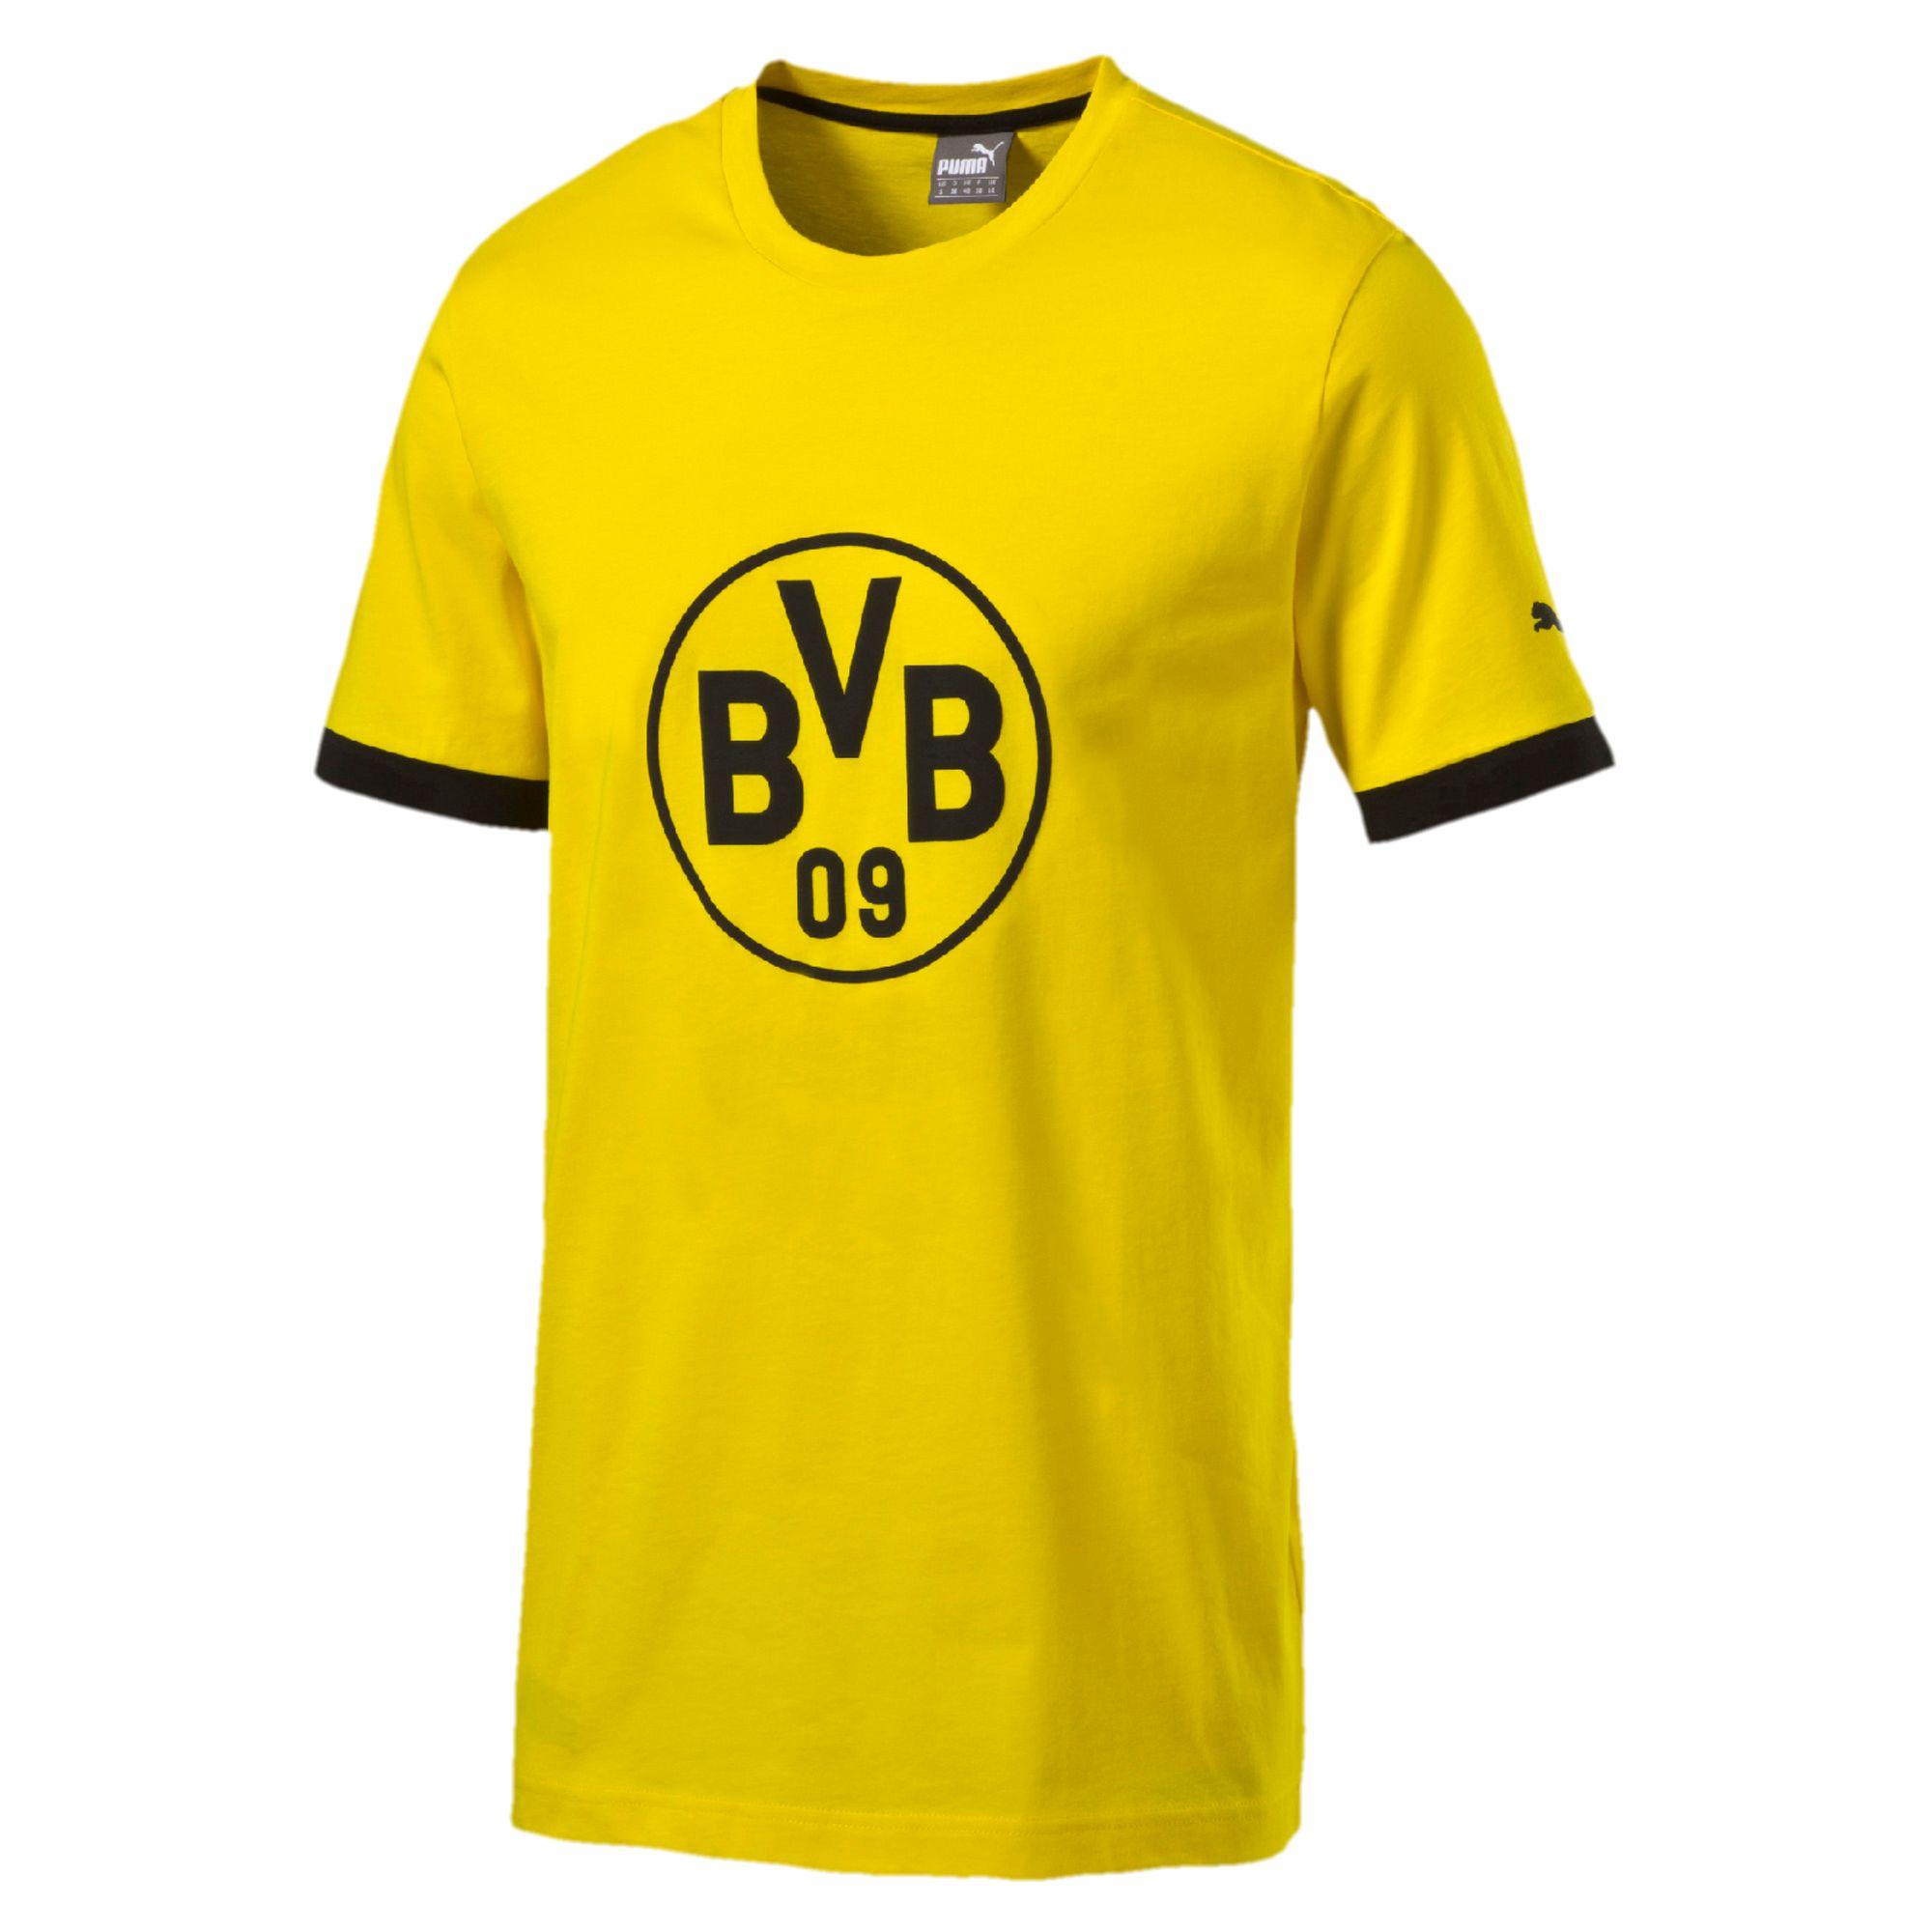 Puma BVB Borussia Dortmund Herren T-Shirt 17/18 für nur 11,11€ inkl Versand in M bis 2XL